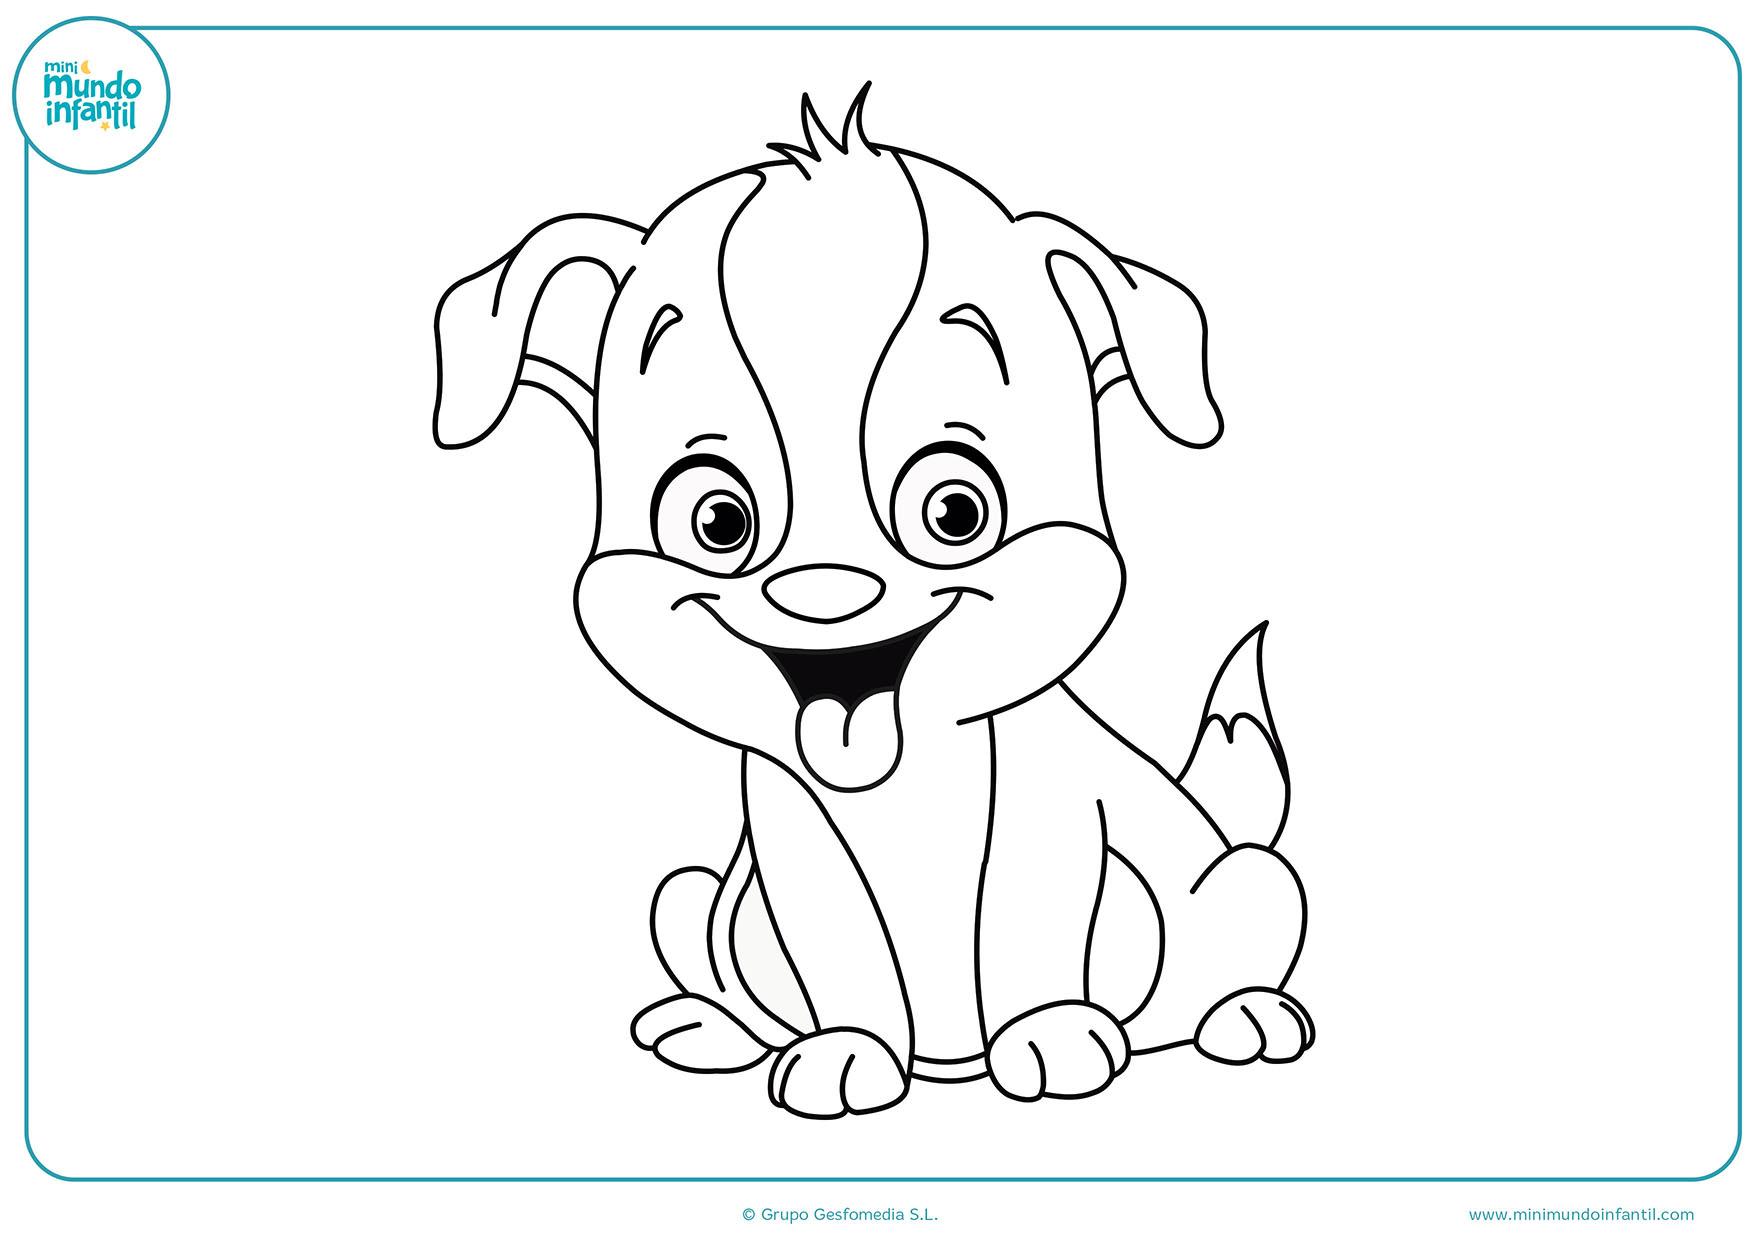 Dibujos Para Imprimir Y Colorear De Perros: Dibujos De Perros Para Colorear